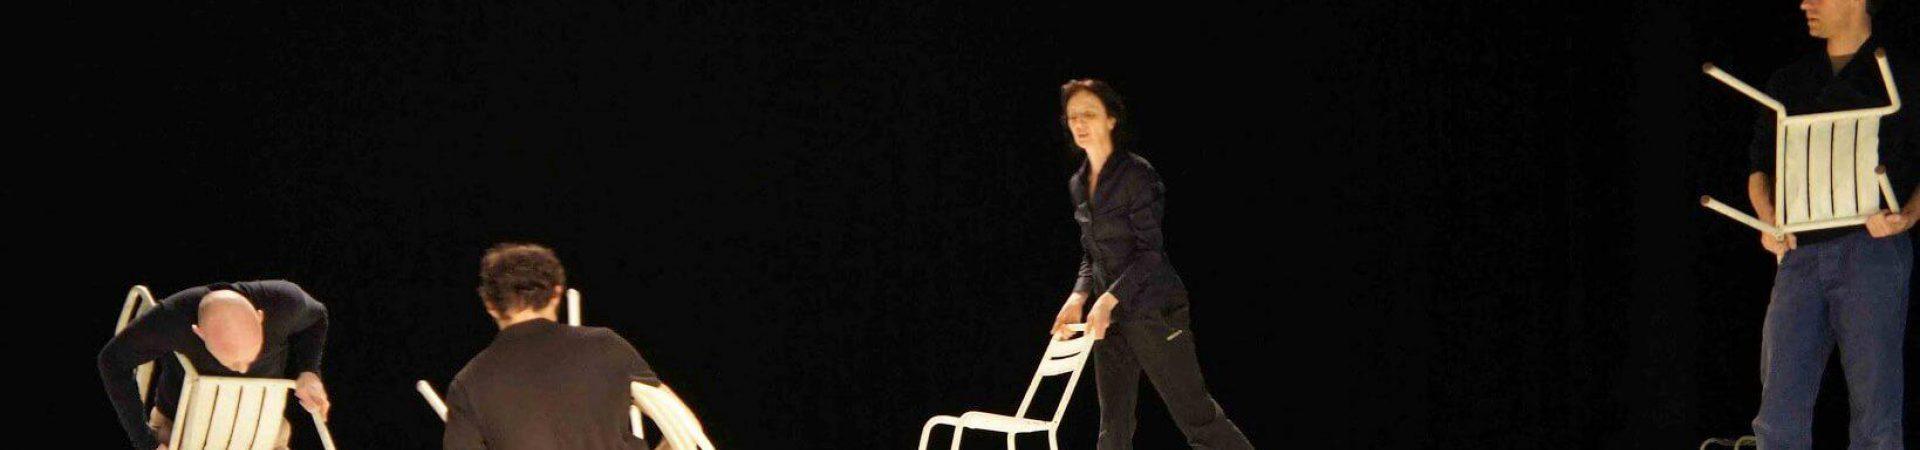 Tournois - Reprise de rôle 2011